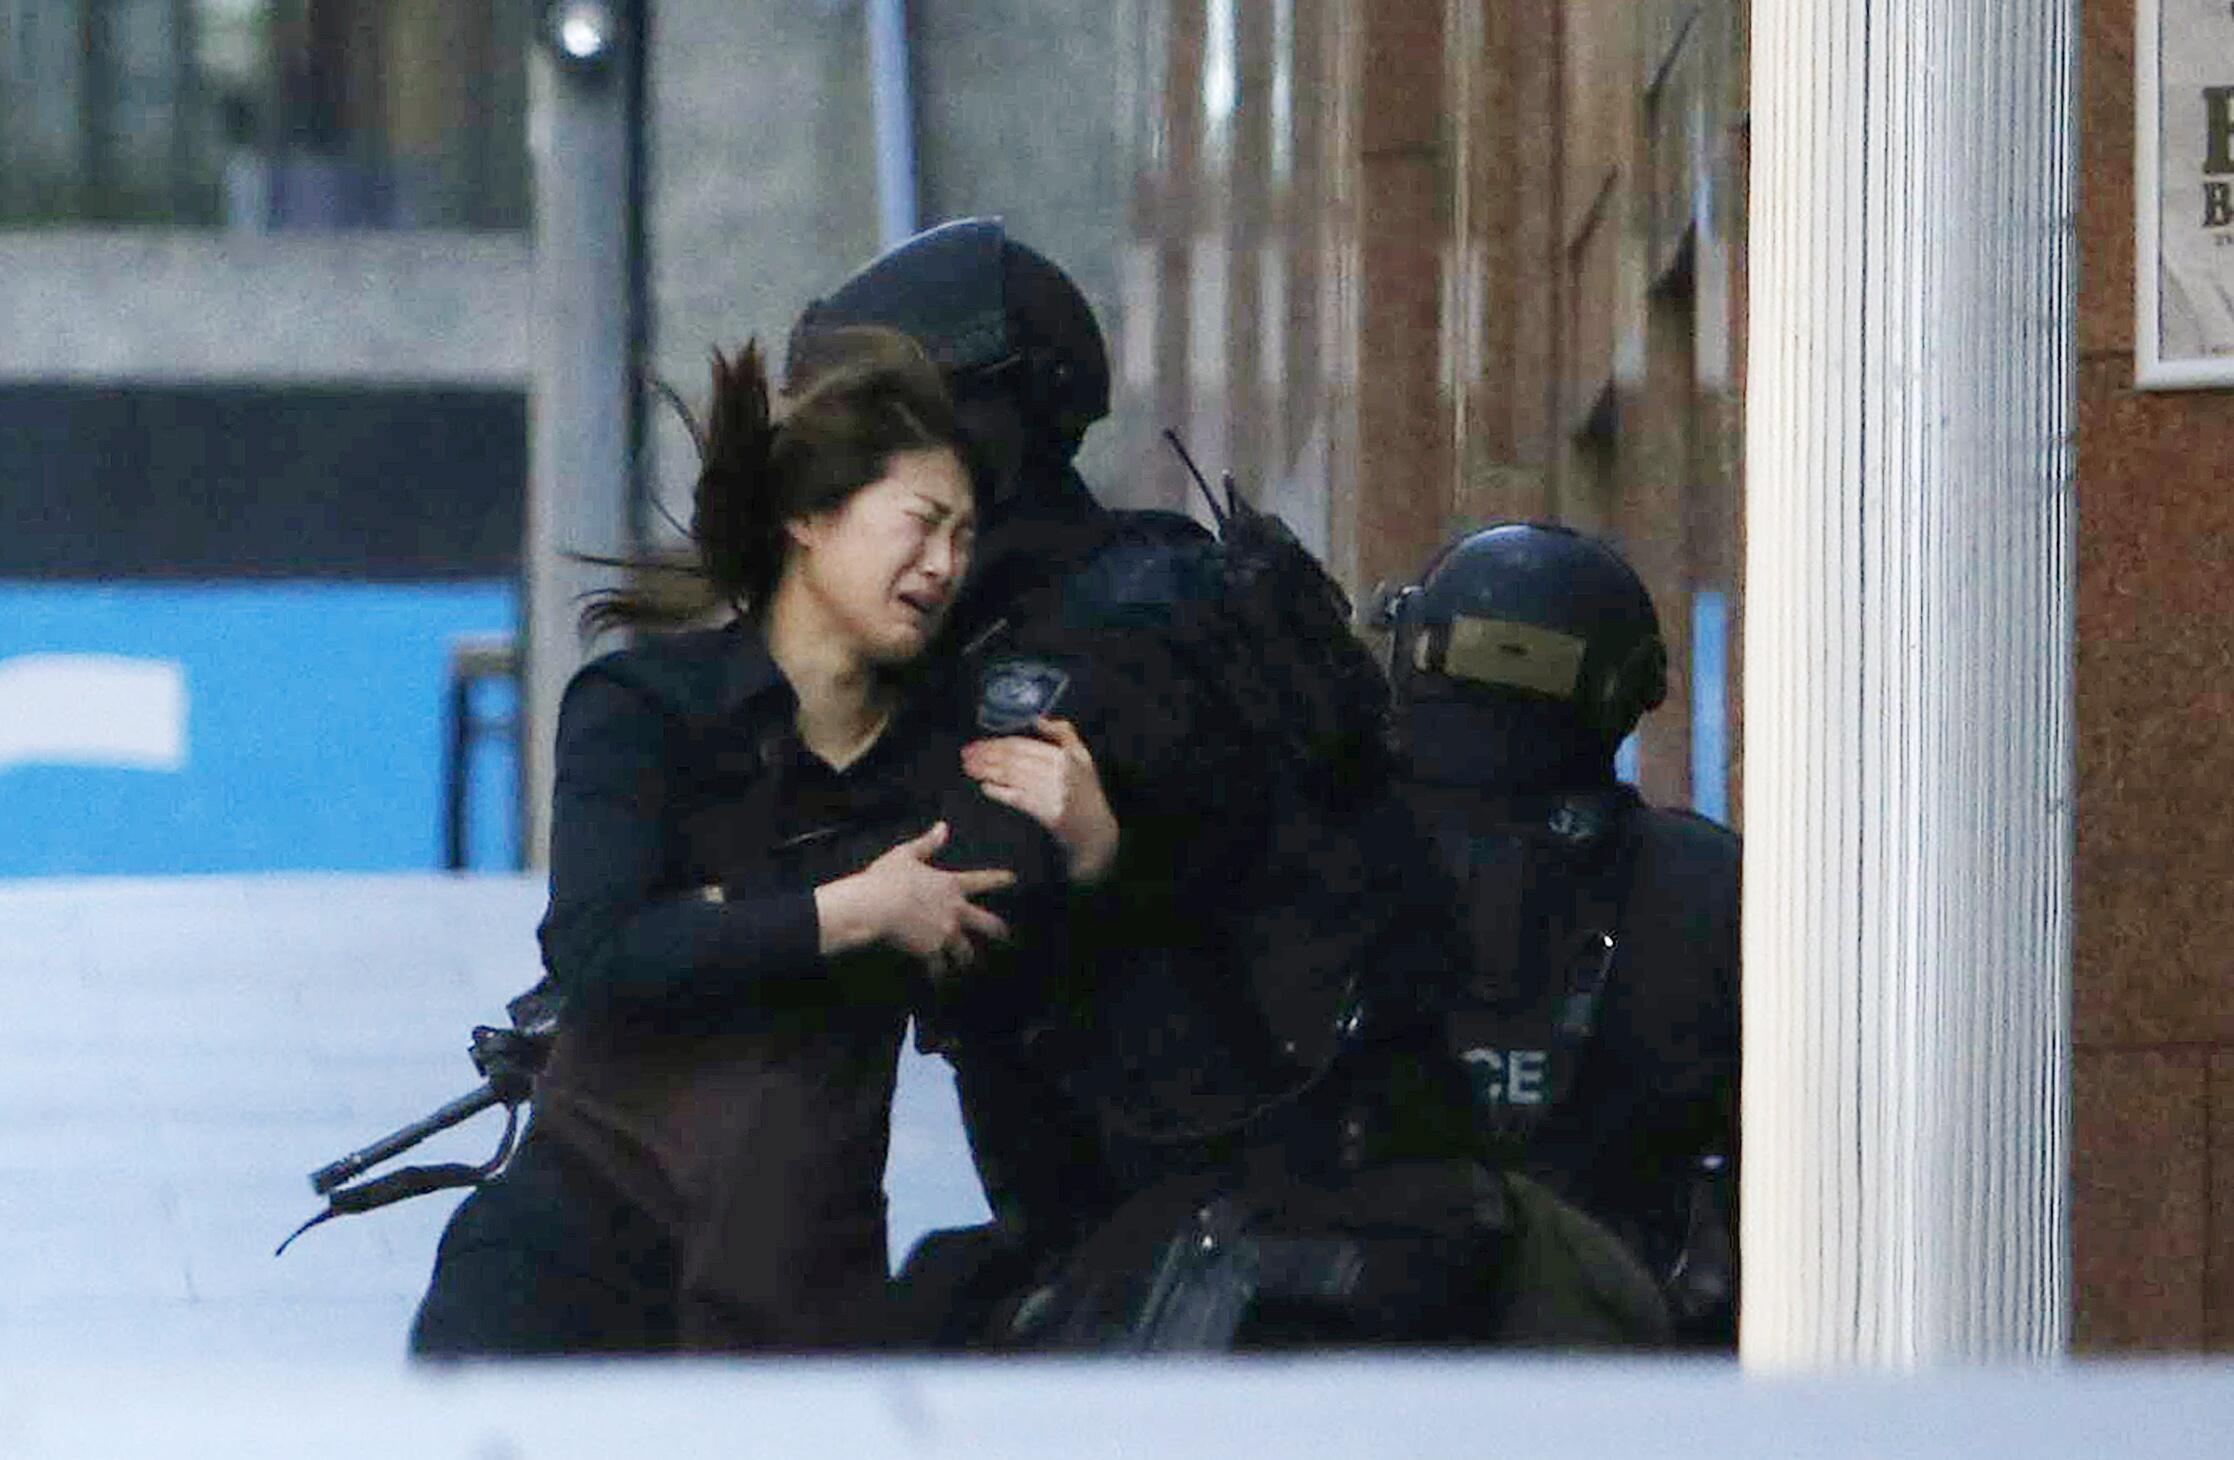 Alguns reféns conseguiram escapar e correram em direção aos policiais após deixarem o café onde acontece o sequestro.